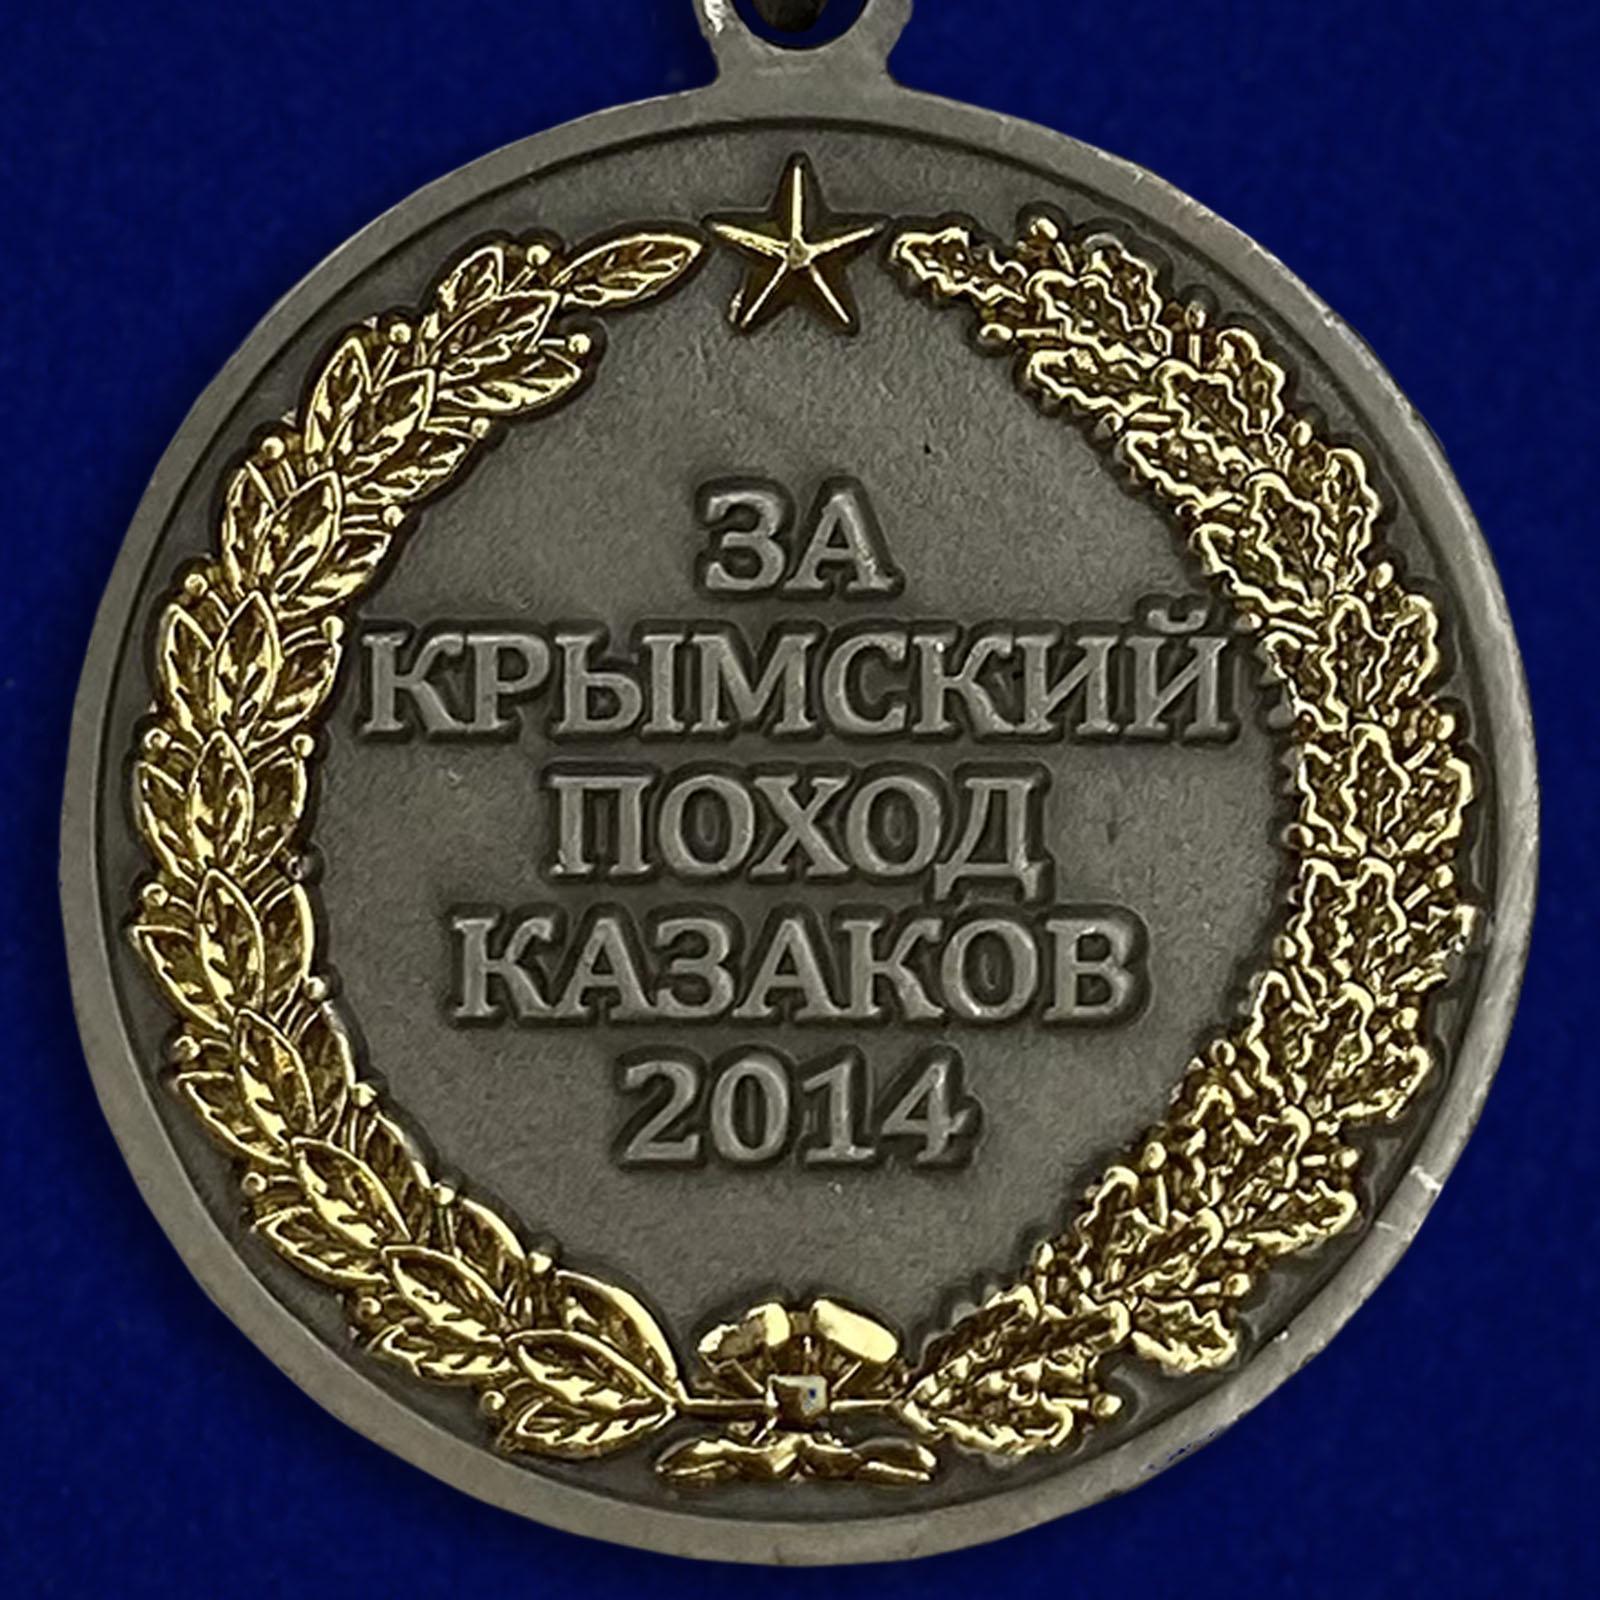 Медаль «За Крымский поход казаков 2014» - оборотная сторона